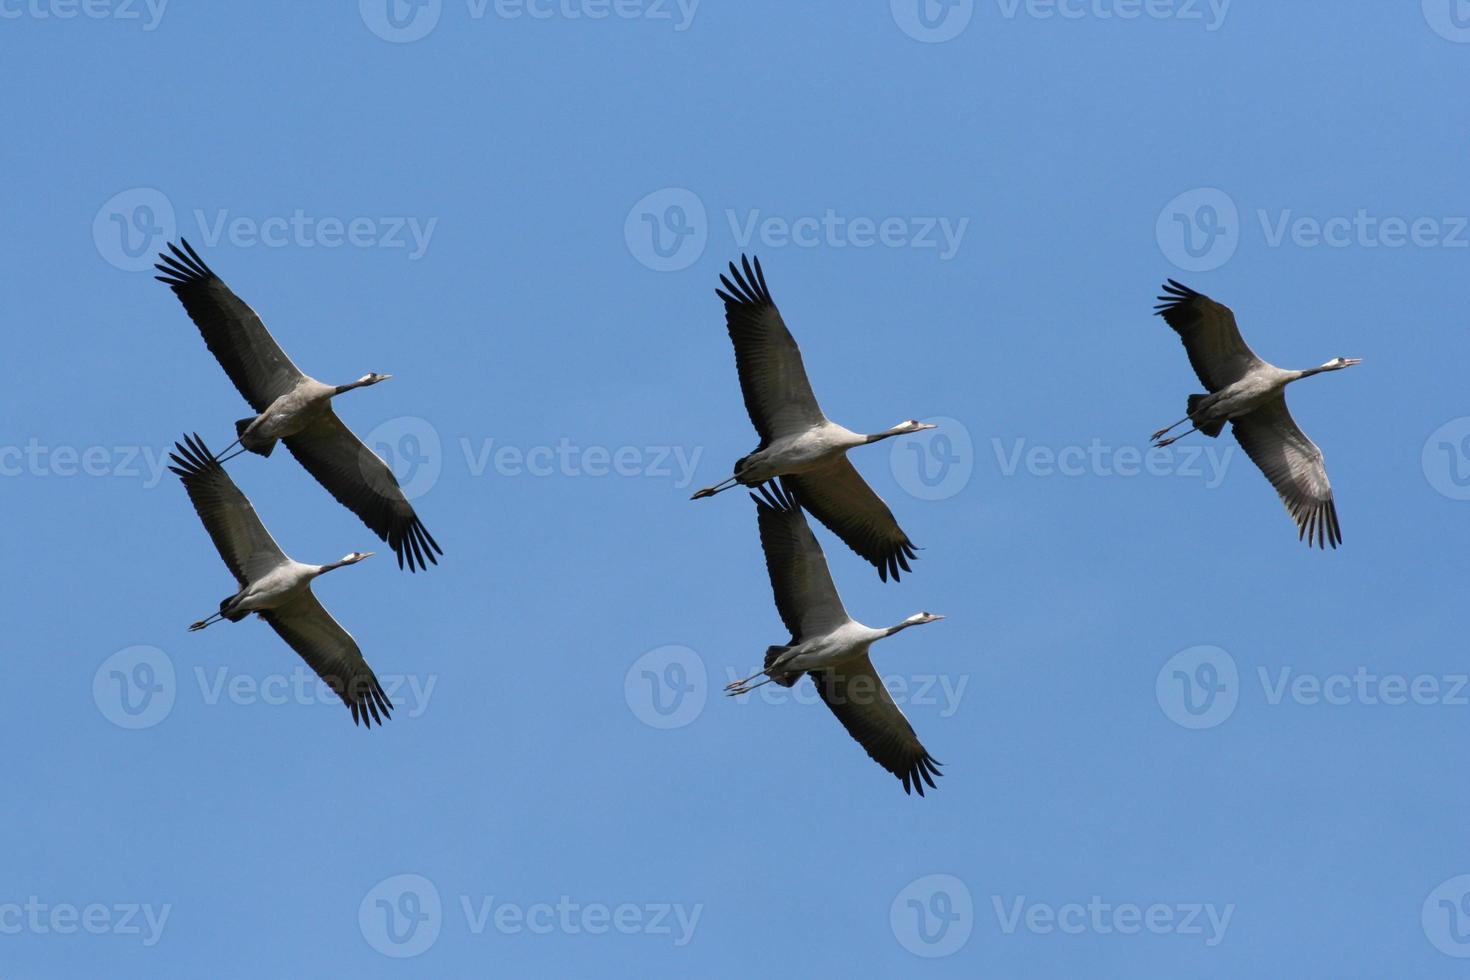 guindaste comum (grus grus) em voo foto